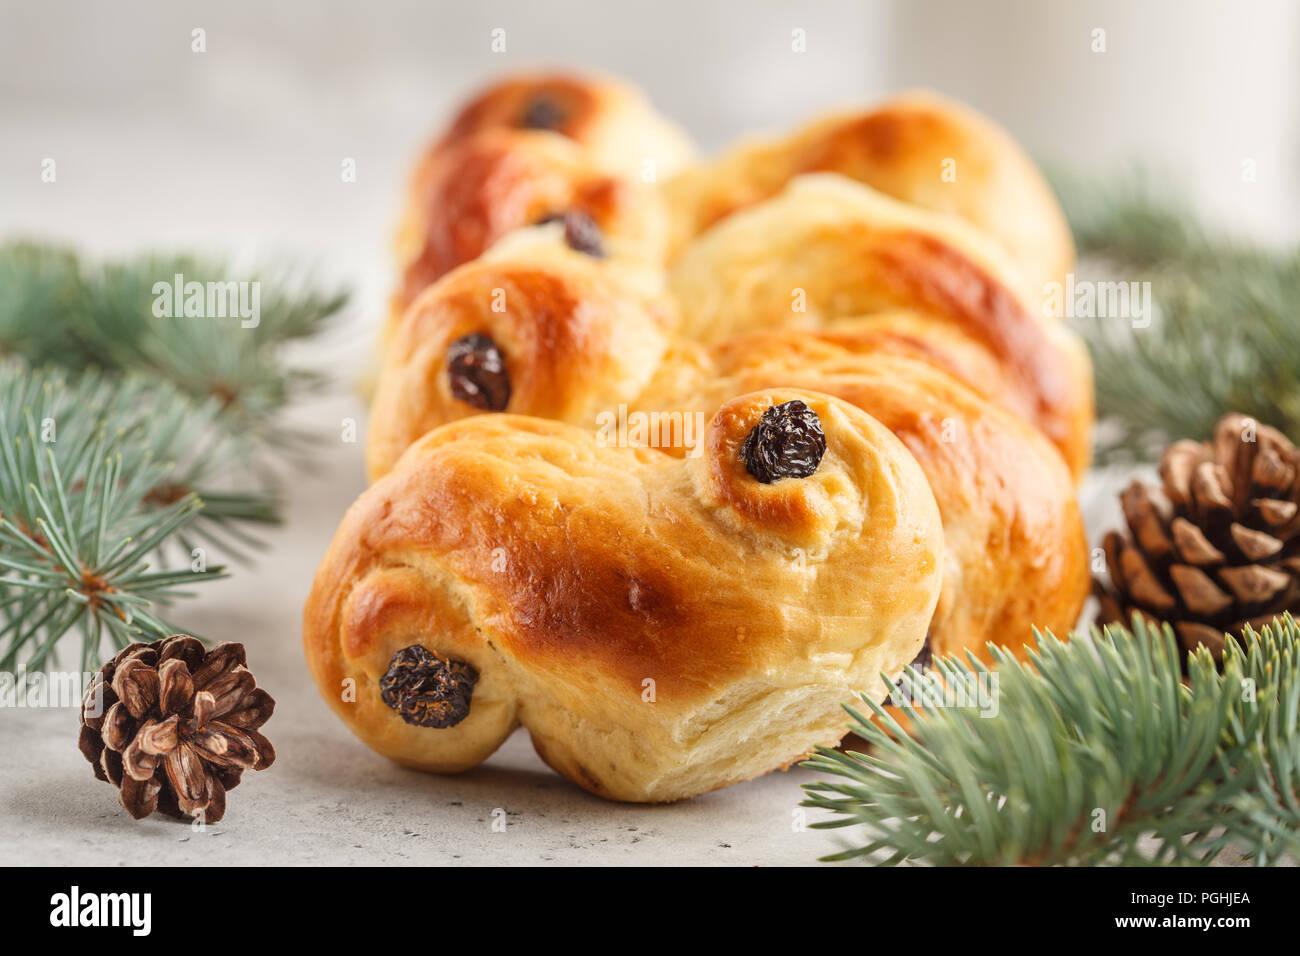 Traditionelle schwedische Weihnachten Safran Brötchen (lussebulle oder lussekatt). Schwedische Weihnachten. Weißer Hintergrund, Weihnachtsdekoration. Stockfoto